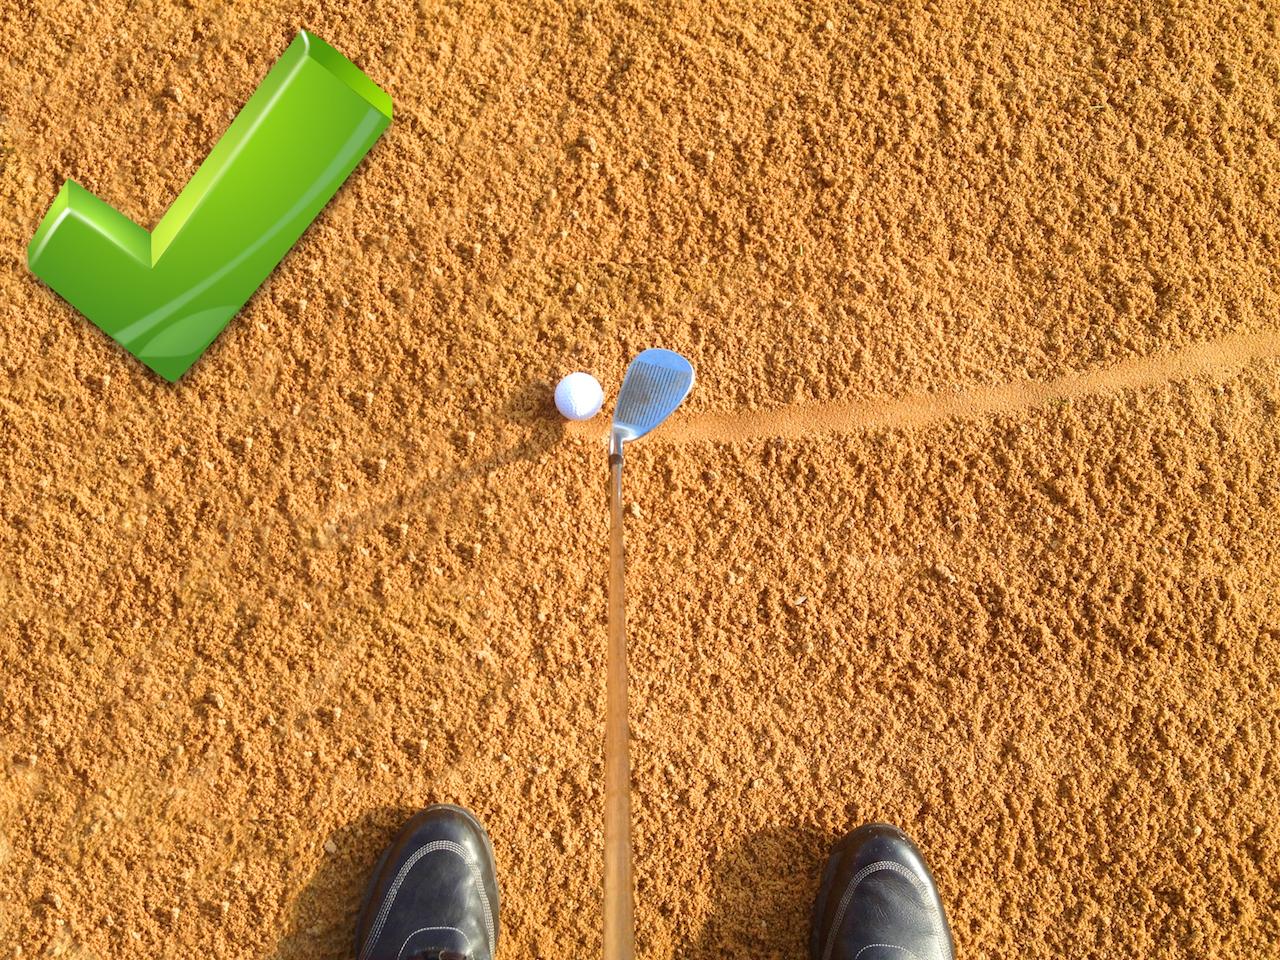 """""""offene Schlagfläche"""": Eine offene Schlagfläche gleitet gut durch den Sand und lässt den Ball hoch starten. Je mehr Sand im Bunker, desto mehr die Schlagfläche öffnen - © Patrick Klemm"""